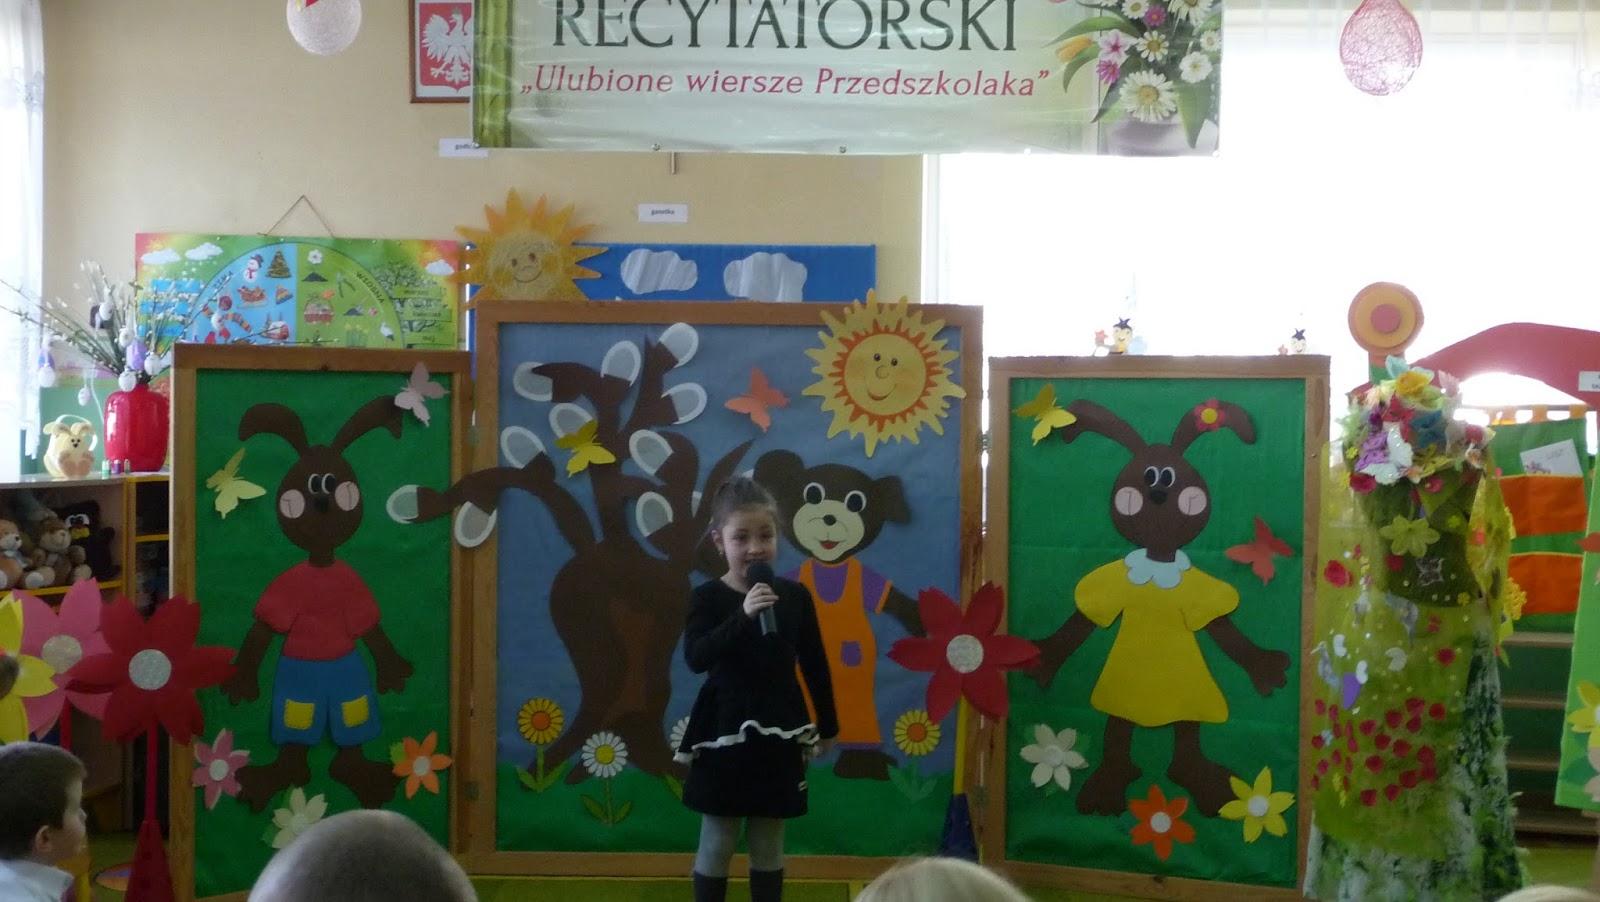 Przedszkole W Jedynce Motylek Na Konkursie Recytatorskim